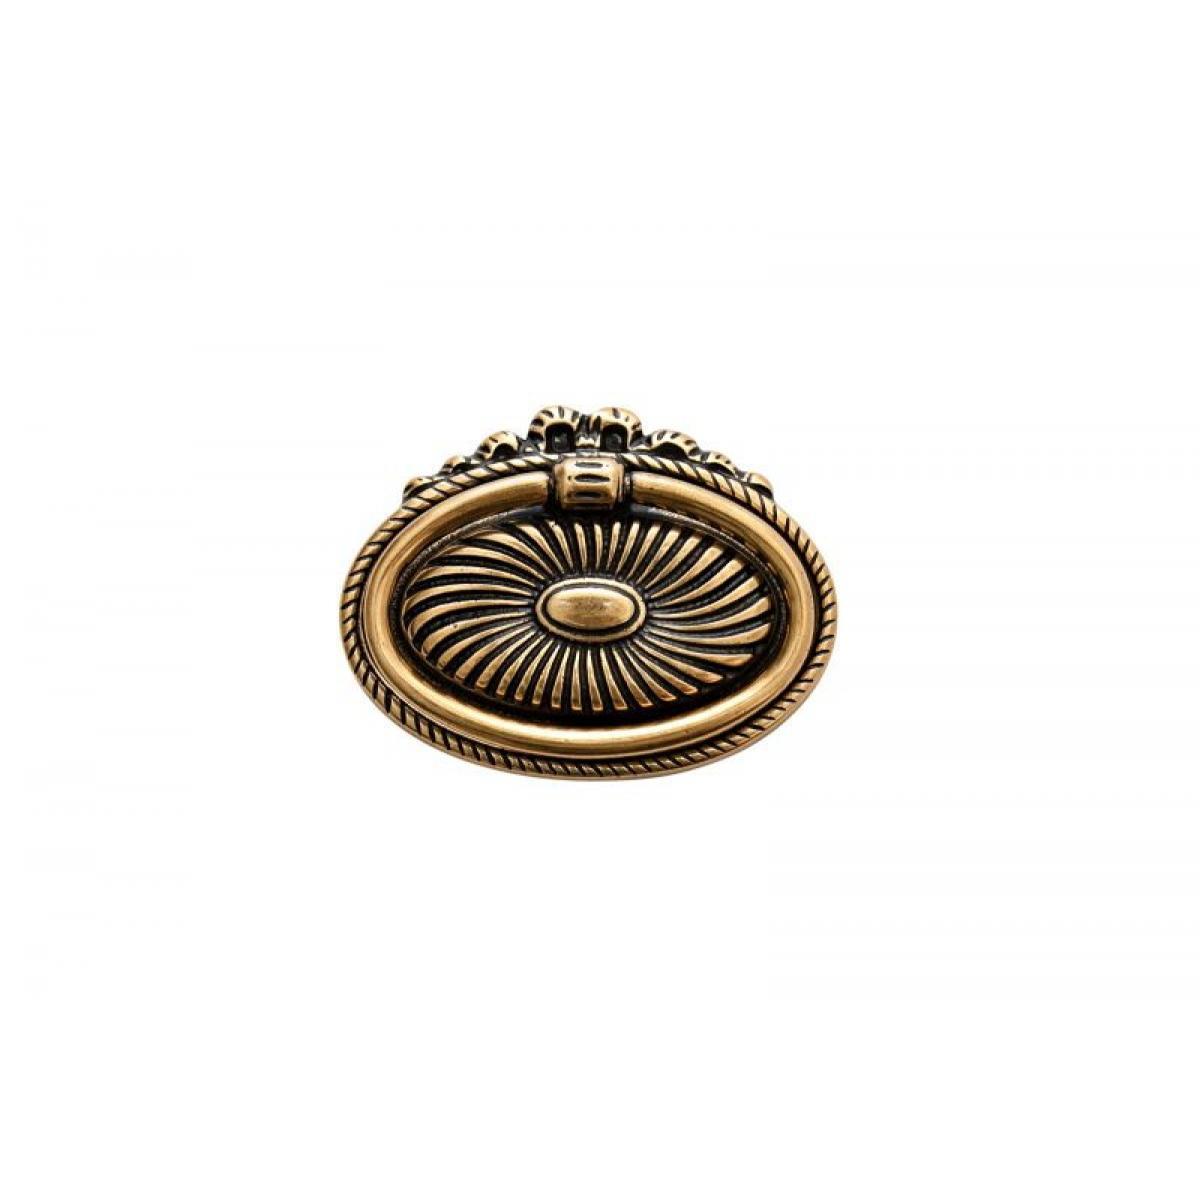 ручка 1271В0021, Межосевое расстояние для крепления ручки -32мм, покрытие состаренное золото 21